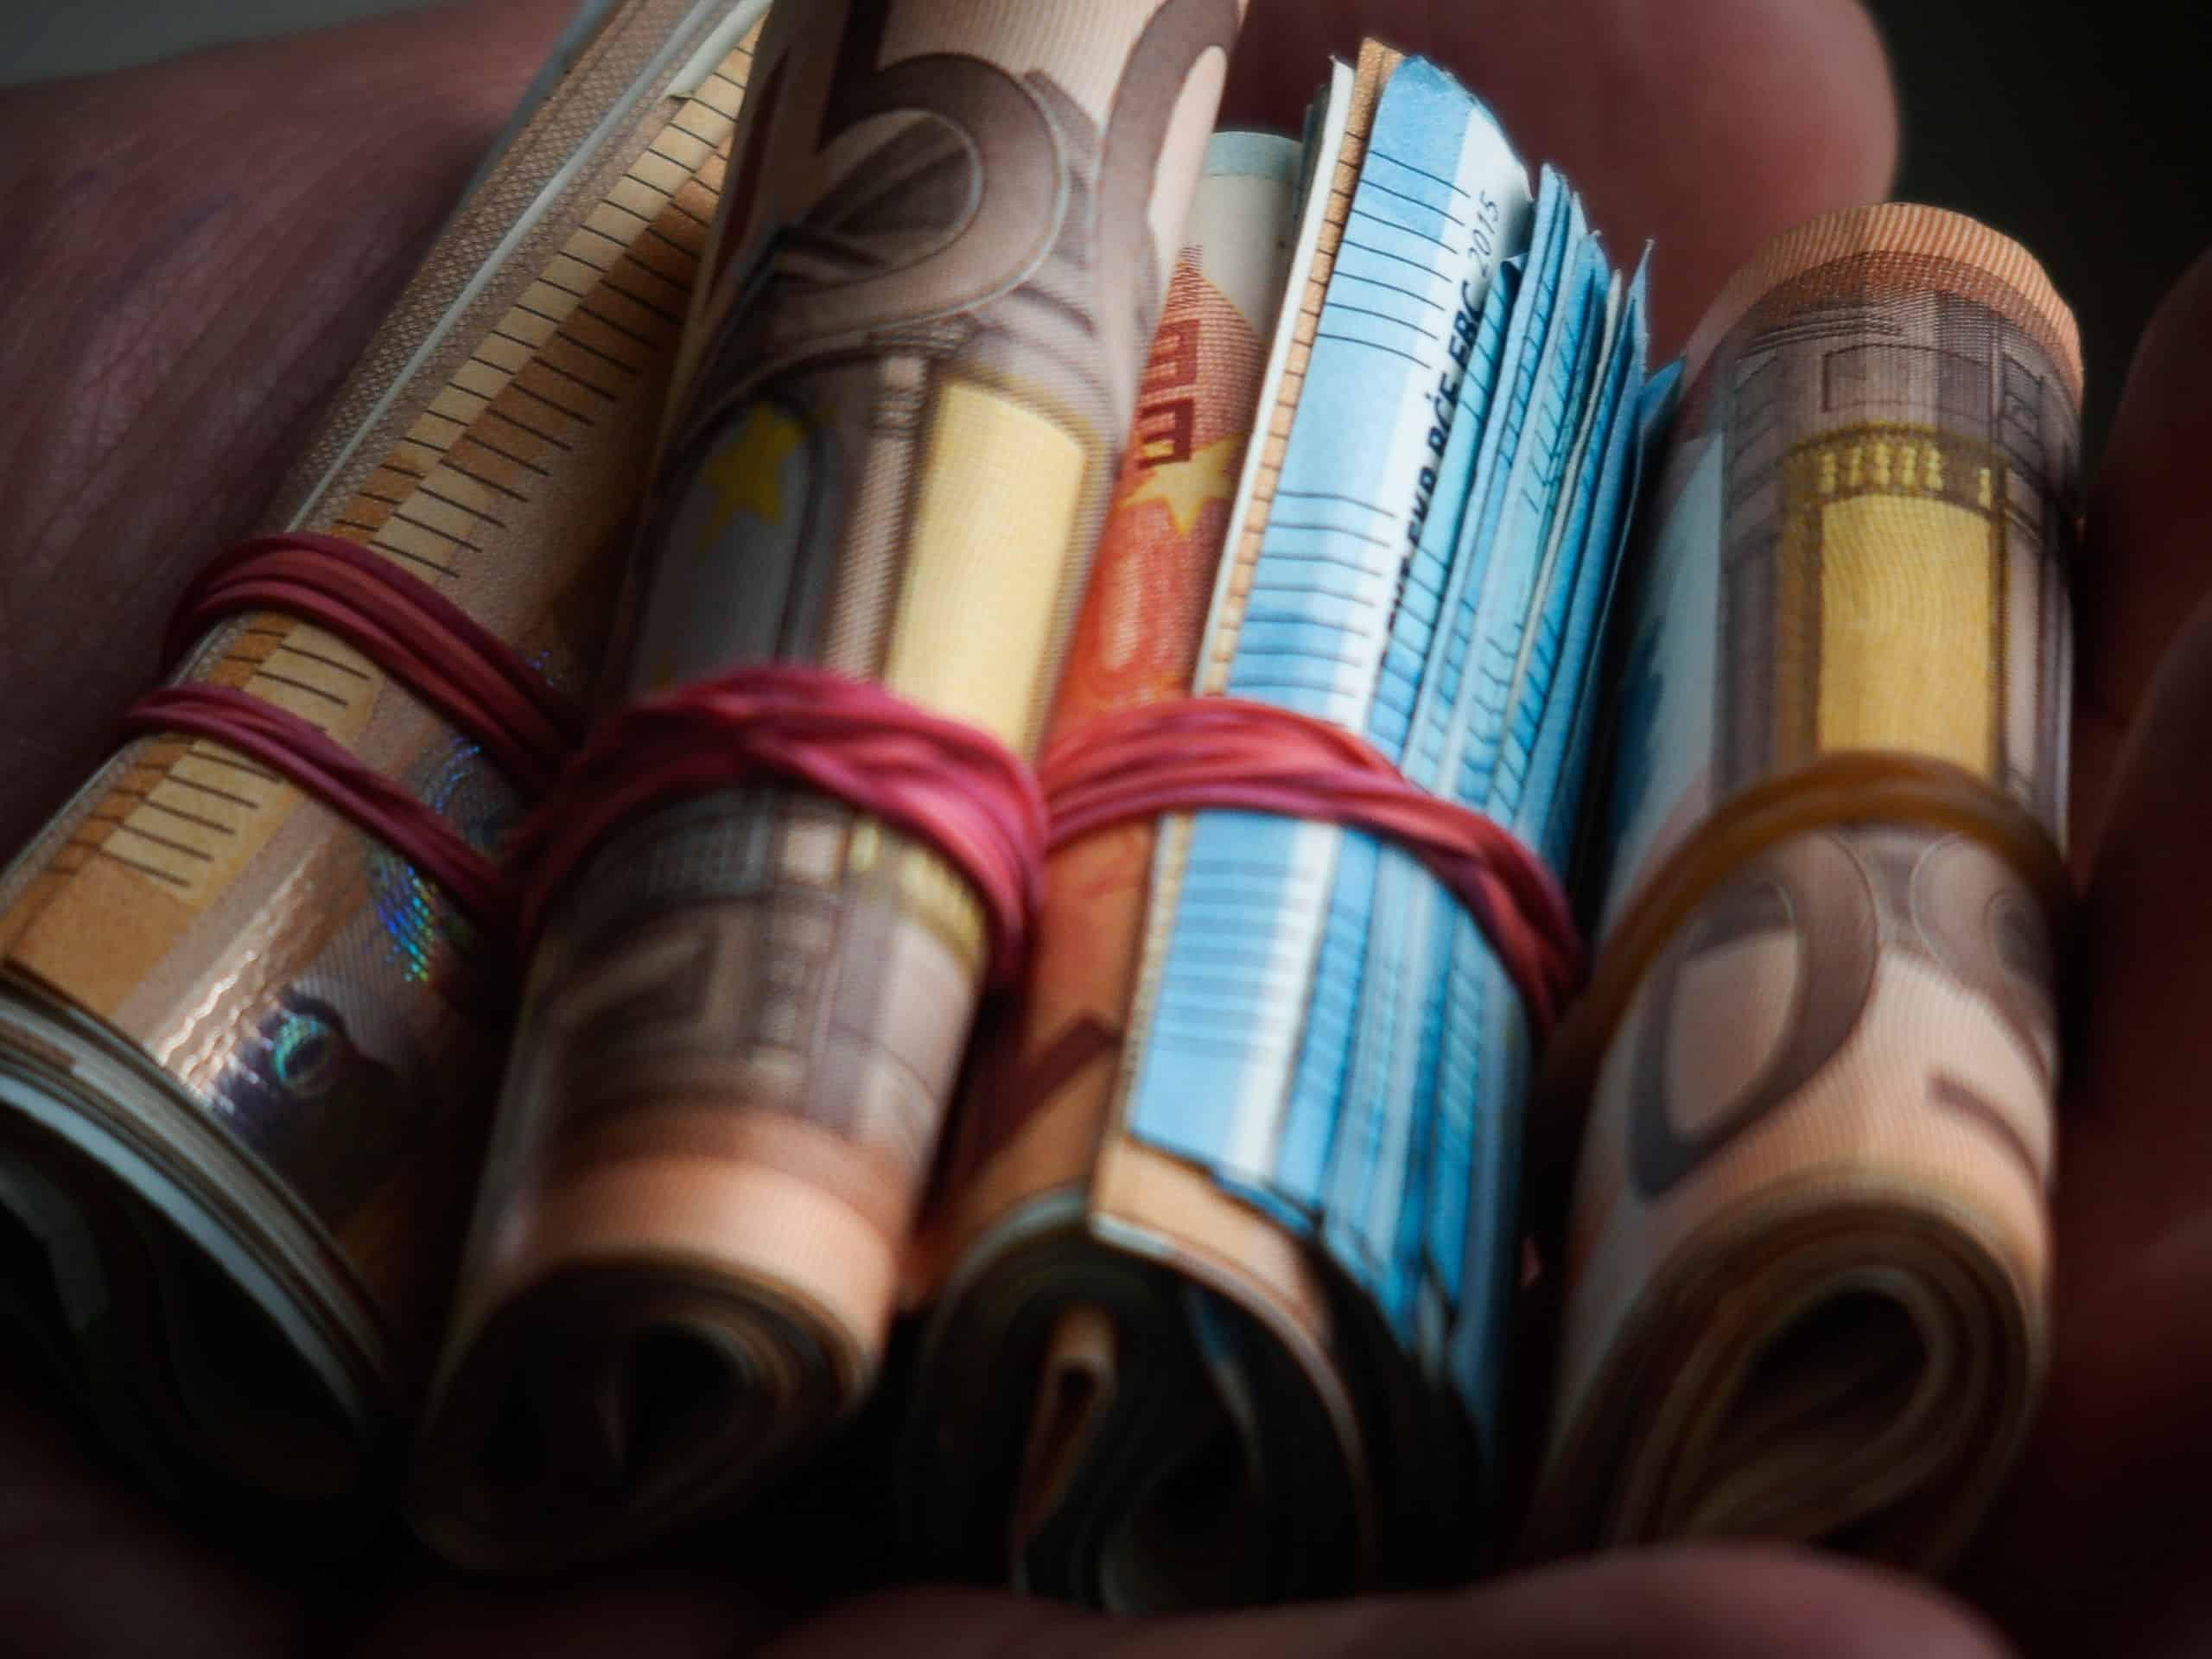 Συντάξεις ΙΚΑ Αυγούστου 2020 ημερομηνίες για ΕΦΚΑ ΟΑΕΕ ΟΓΑ ΕΔ Αναδρομικά με τις συντάξεις Ιουνίου 2020 - Ποιοι θα τα λάβουν Επίδομα 800 ευρώ Πότε η Πληρωμή - Νέοι δικαιούχοι ΙΚΑ Πληρωμή συντάξεων Μαϊου 2020 ΕΦΚΑ ΟΑΕΕ ΟΠΕΚΑ Συντάξεις Μαρτίου 2020 Ποιοι συνταξιούχοι θα δουν αναδρομικά αυξήσεις - ΚΕΑ ΟΠΕΚΑ Α21 Όλες οι Αλλαγές - ΟΠΕΚΕΠΕ Πληρωμές Συντάξεις Φεβρουαρίου ΙΚΑ ΟΓΑ ΟΑΕΕ ΝΑΤ Δημοσίου & Αναδρομικά 2020 Συντάξεις: Πότε μπαίνουν τα αναδρομικά σε ΙΚΑ ΟΑΕΕ Δημόσιο ΕΦΚΑ koinonikomerisma.gr Κοινωνικό Μέρισμα: Ανοίγει το koinonikomerisma.gr Πληρωμή Ημερομηνία